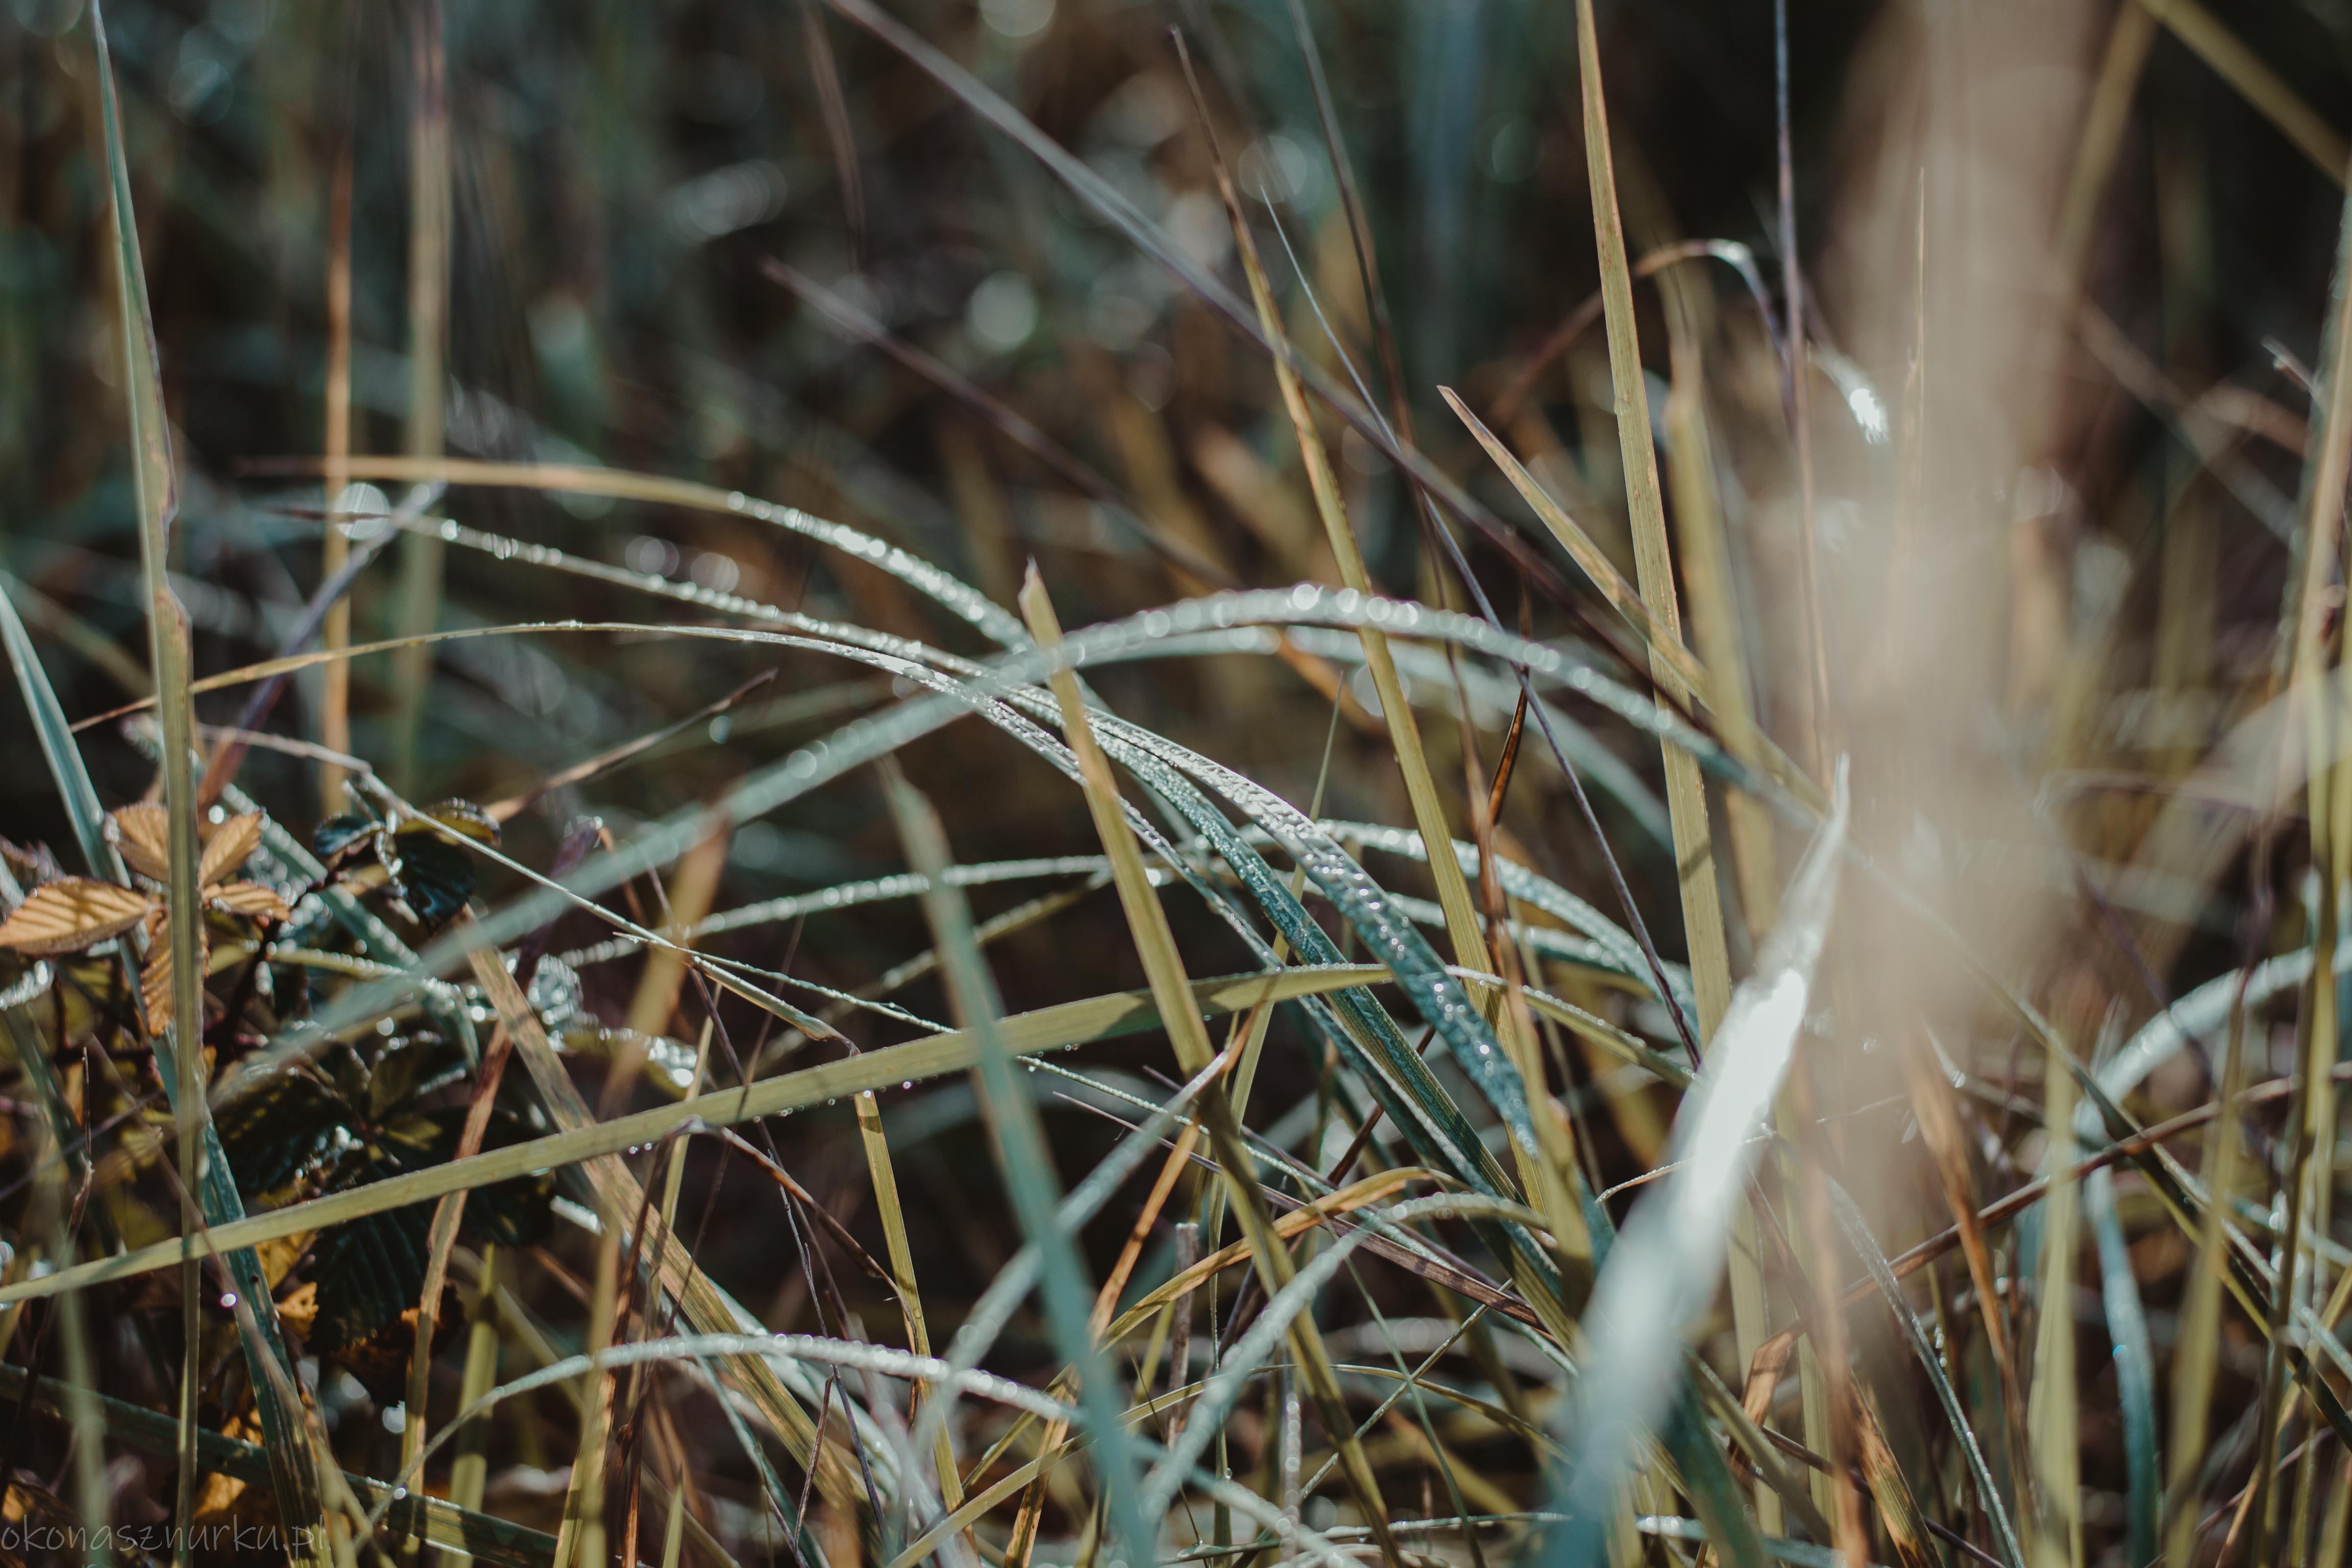 grzybobranie-okonasznurku (4)